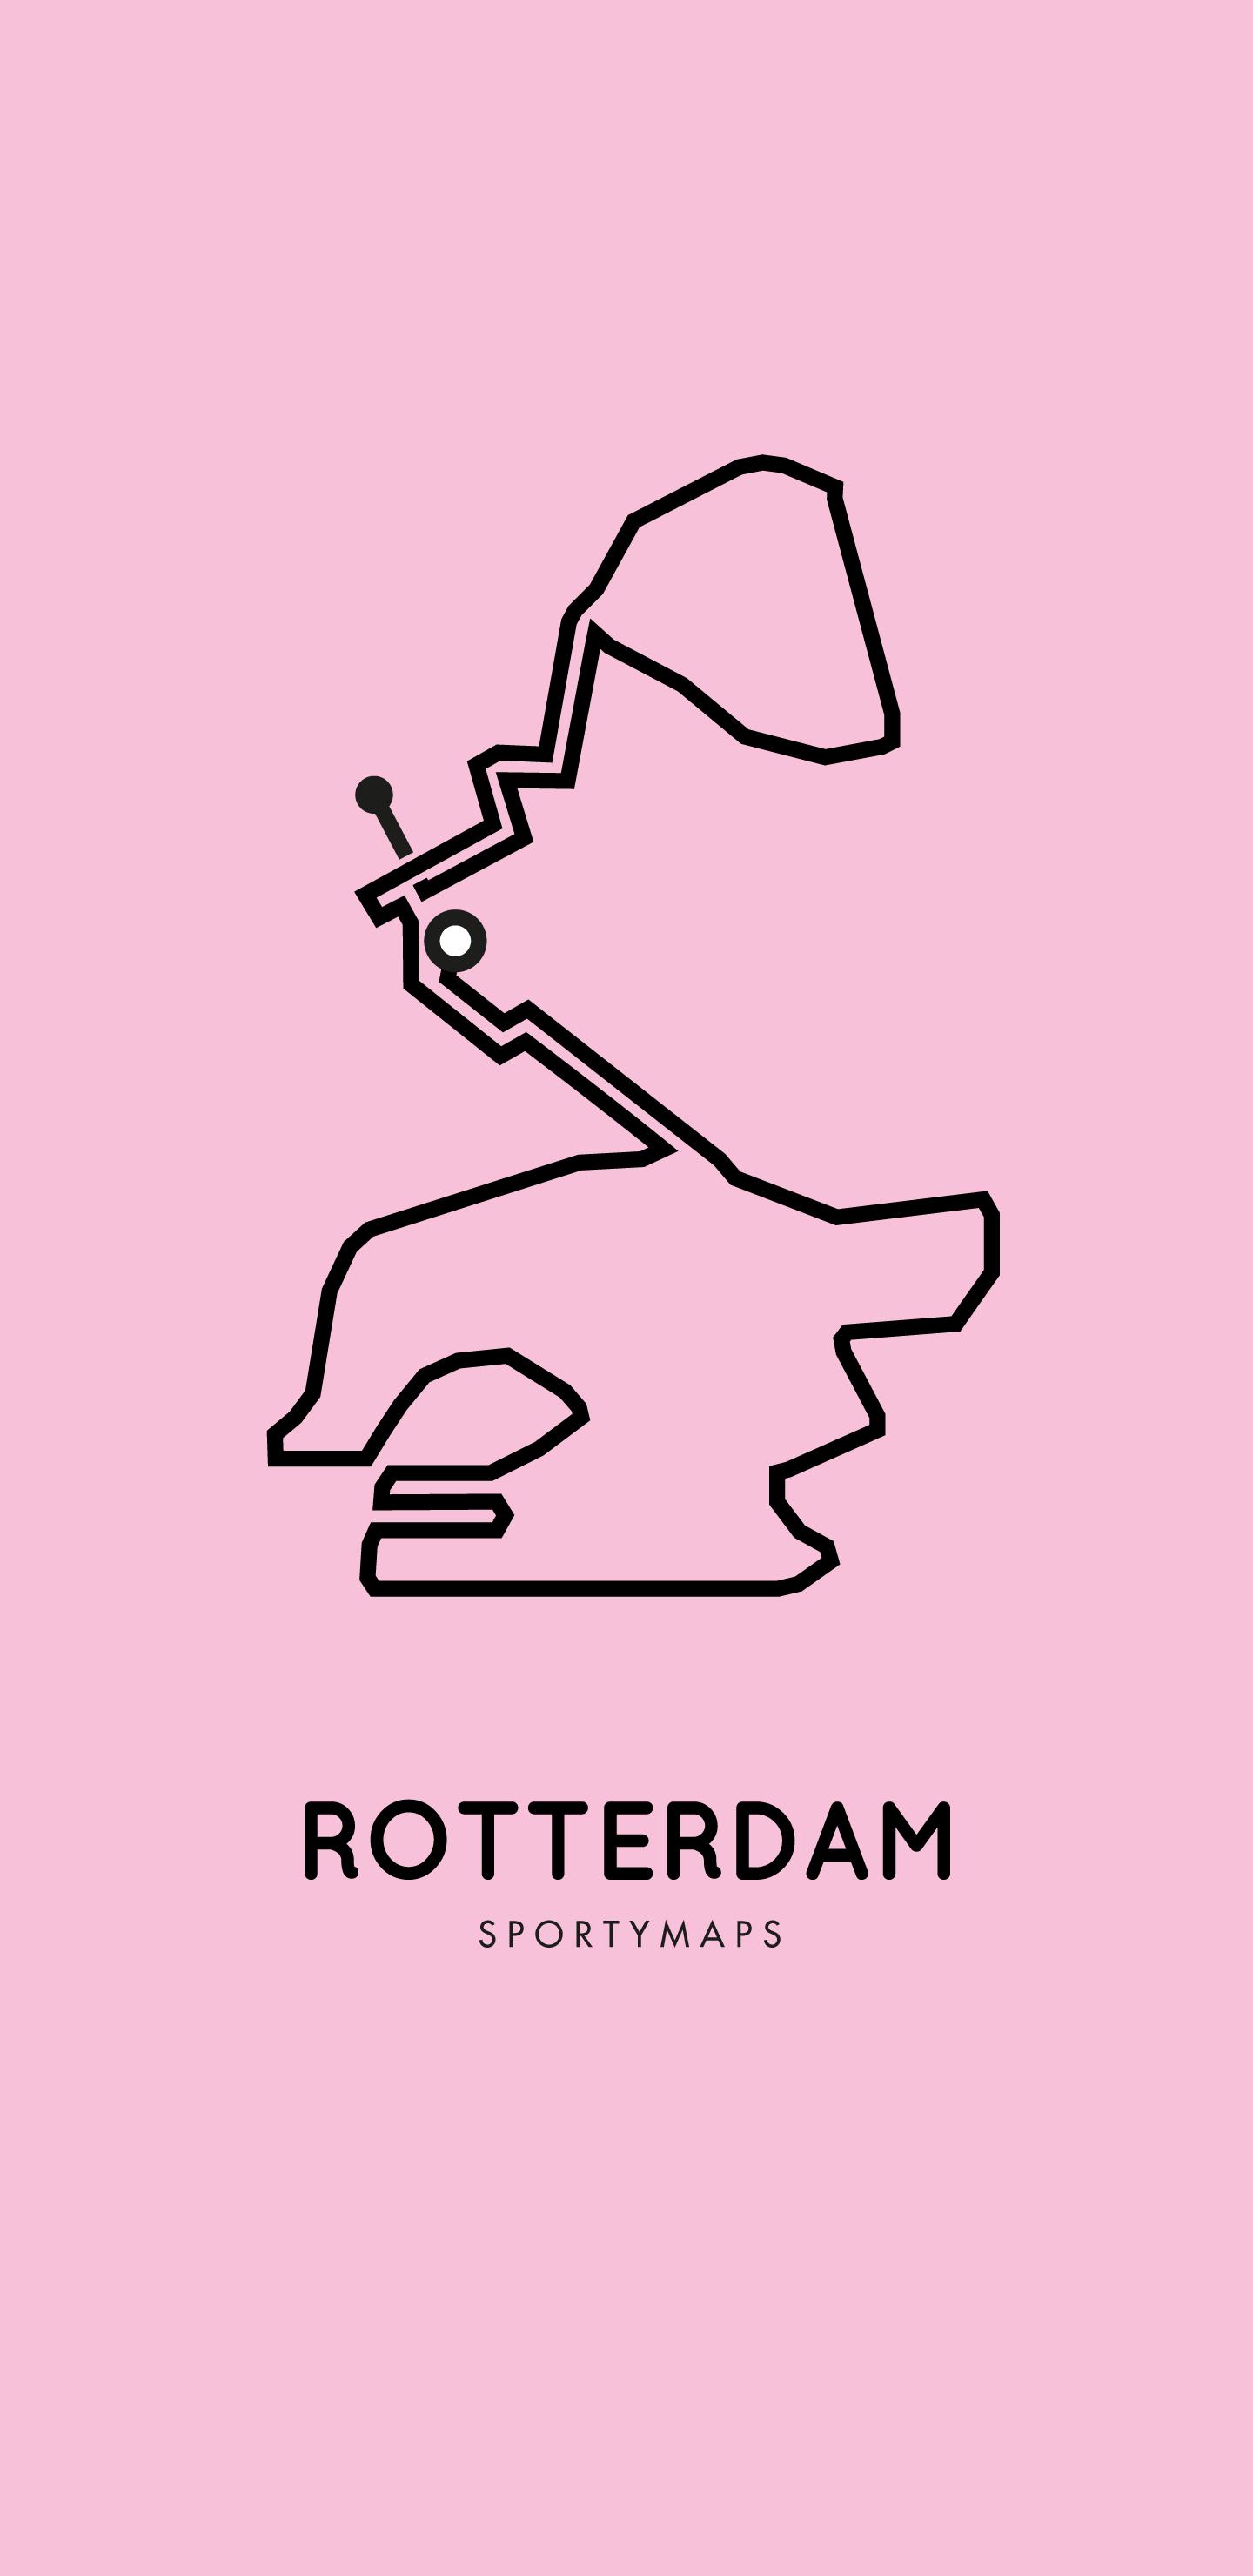 Sportymaps-Rotterdam-marathon-pink